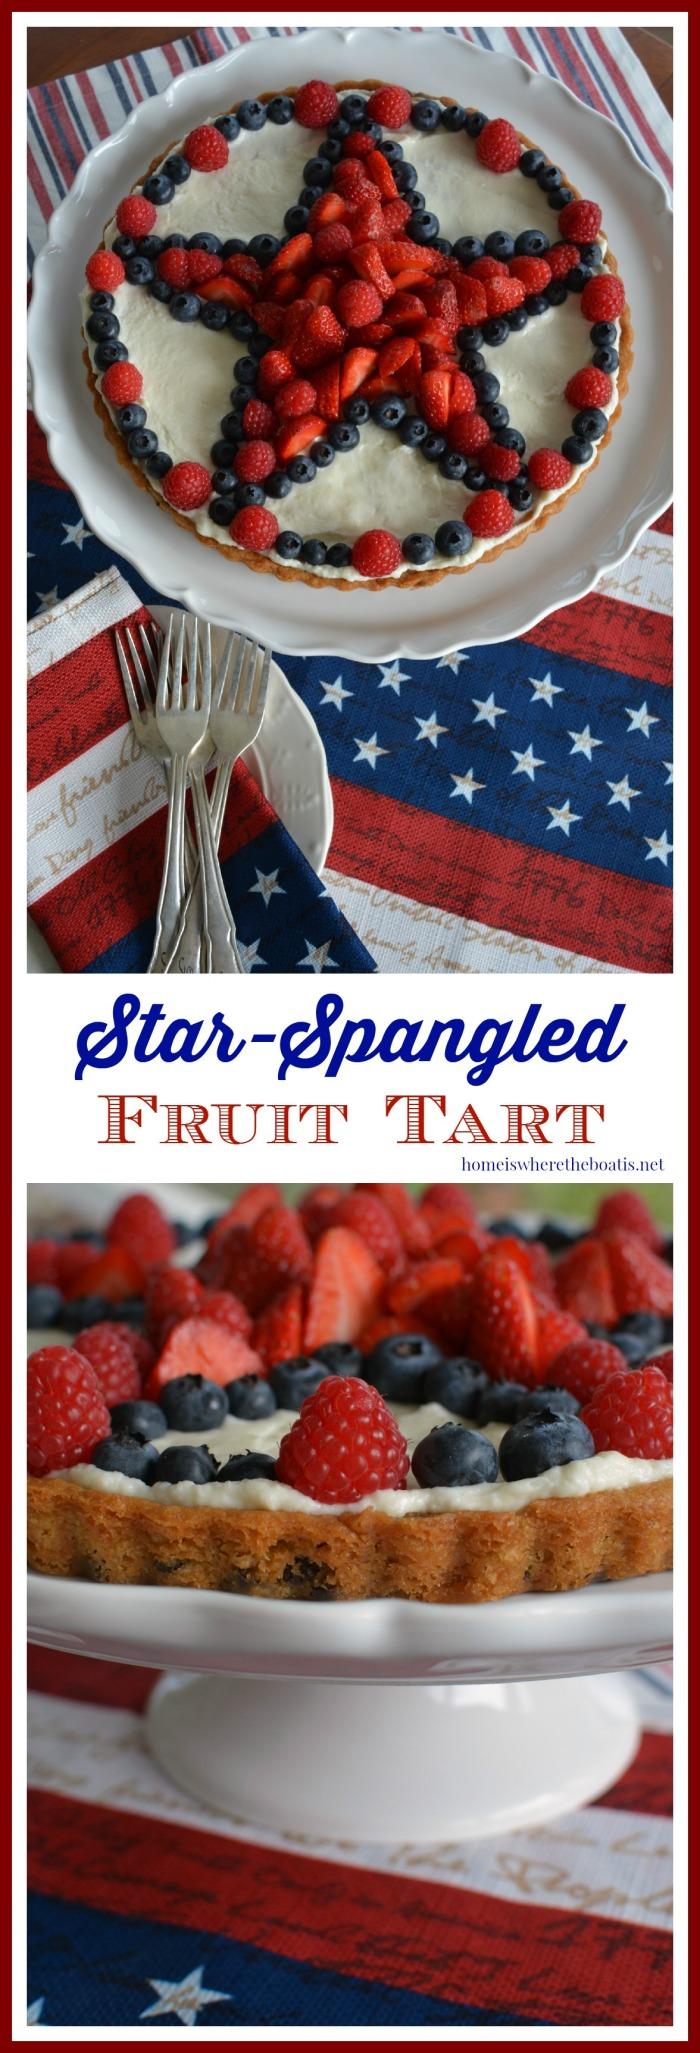 Star-Spangled Fruit Tart